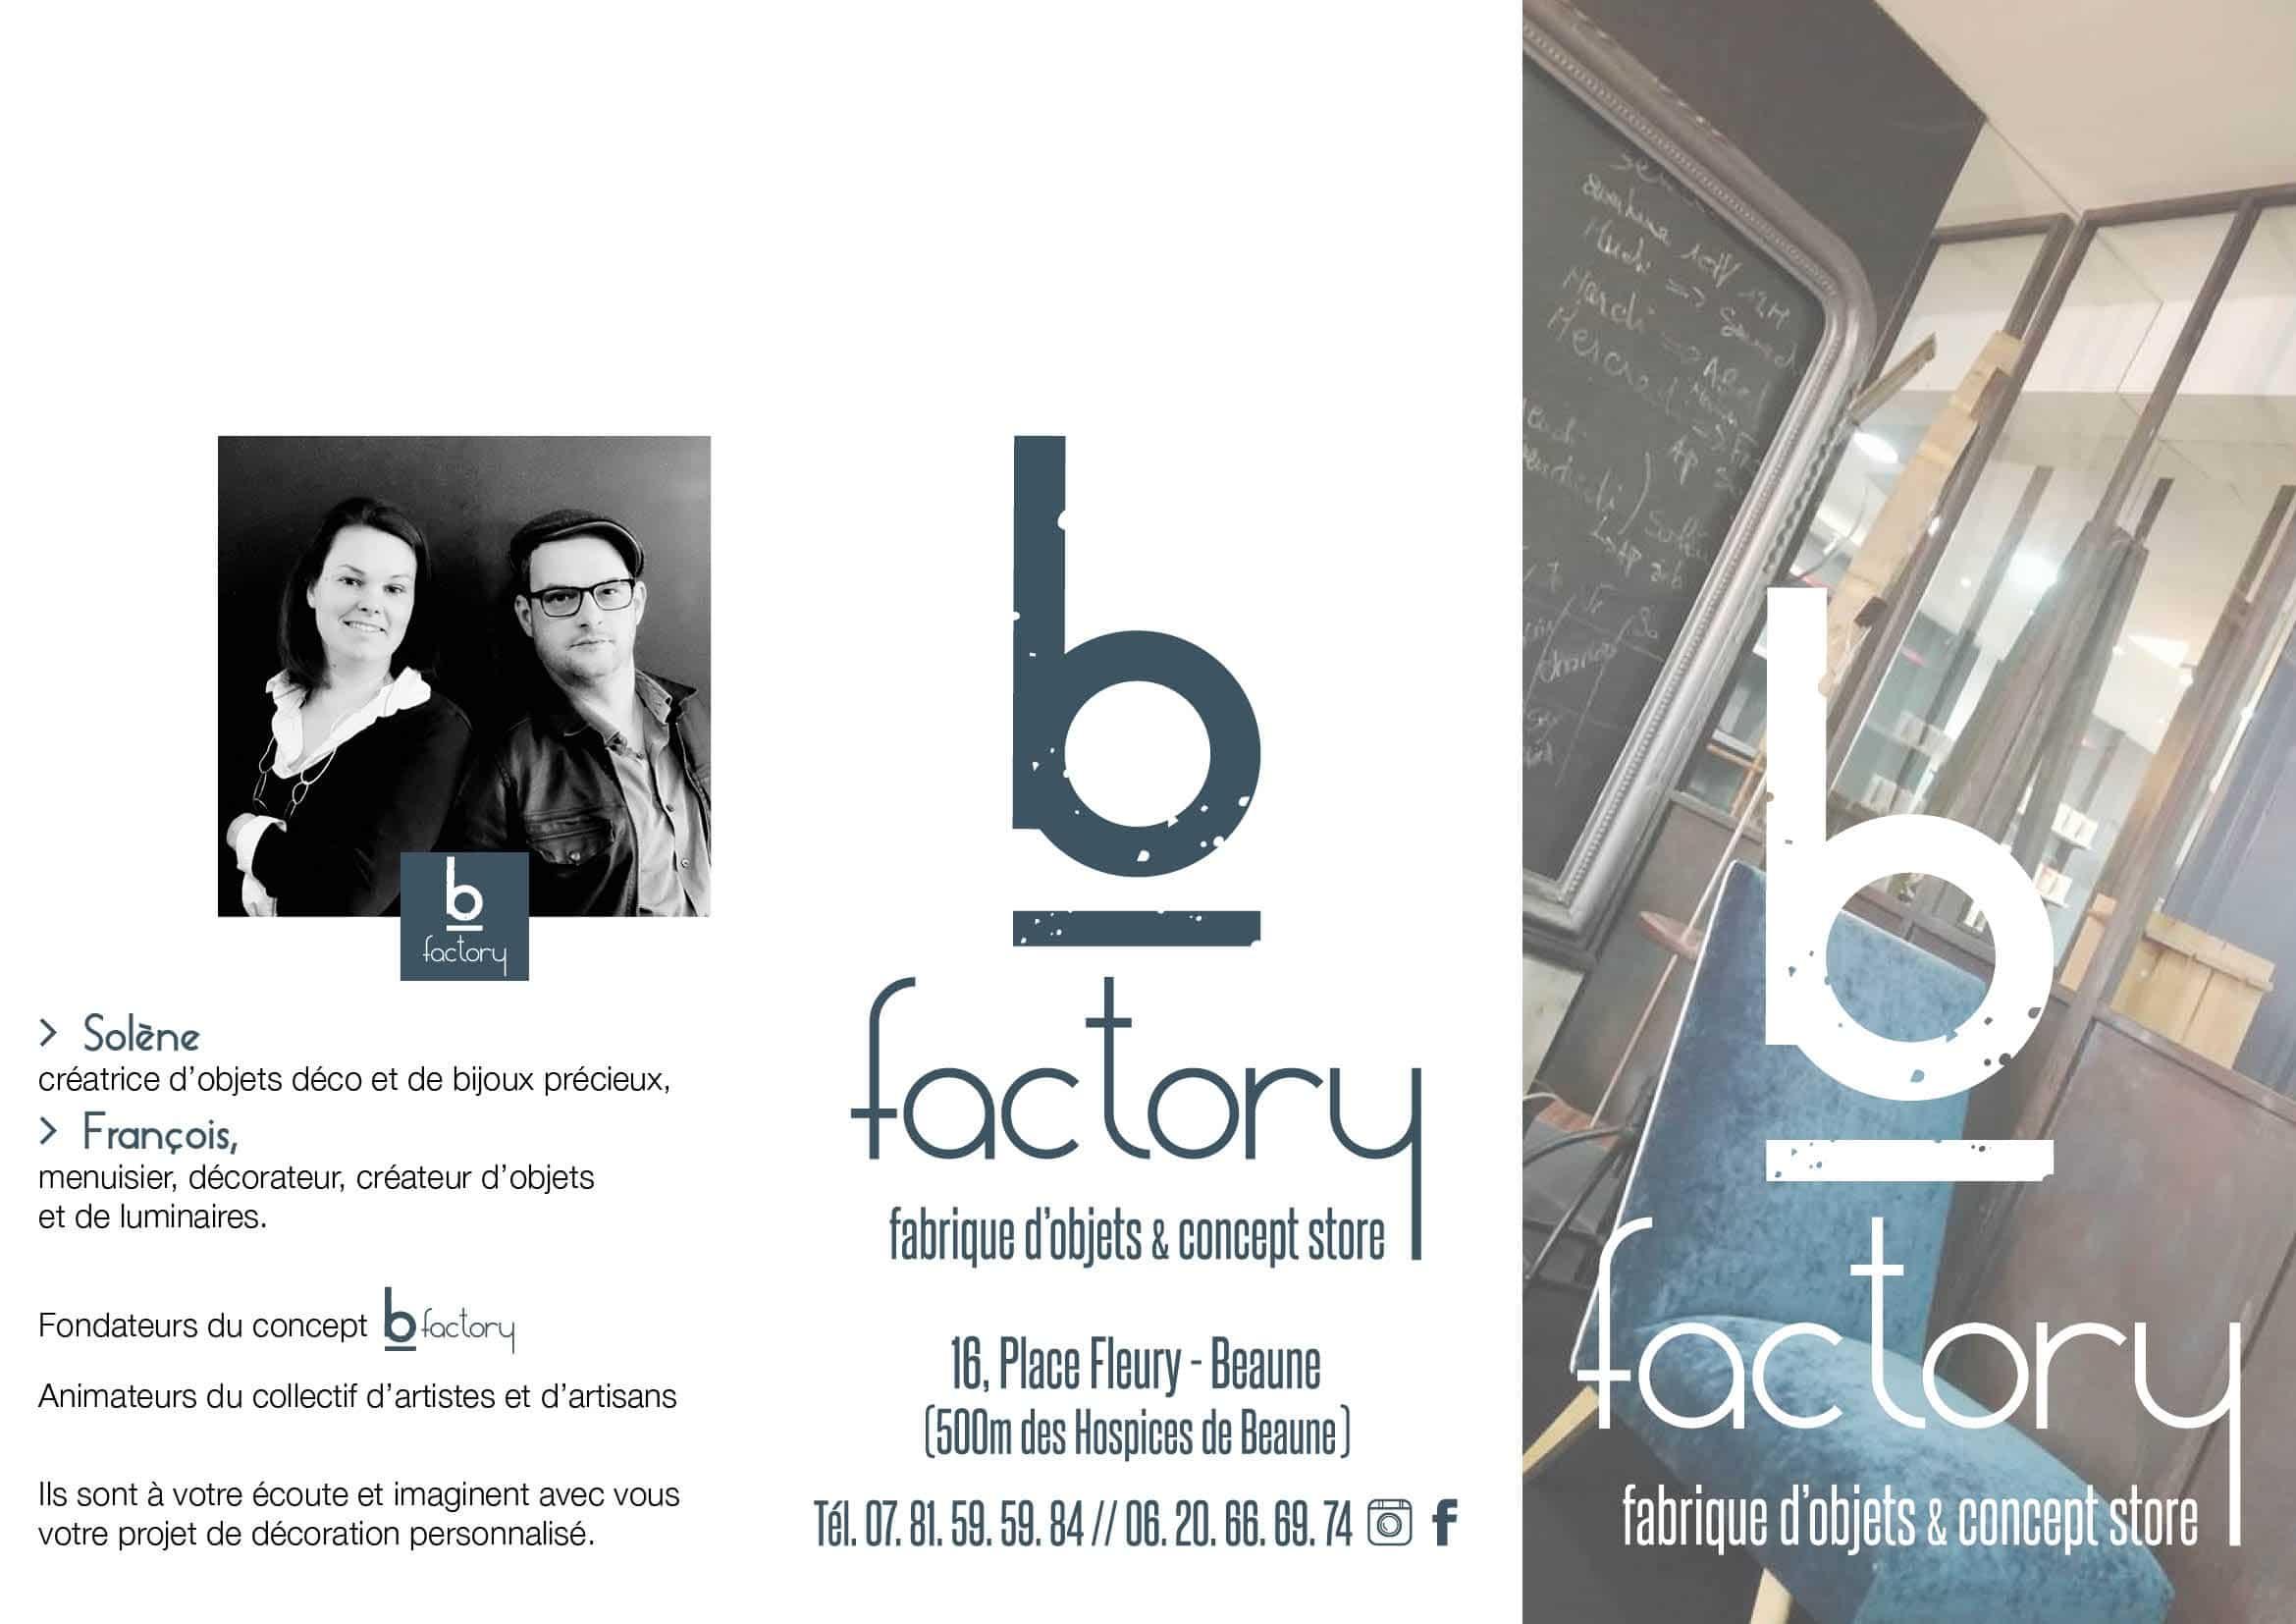 bfactory - plaquette